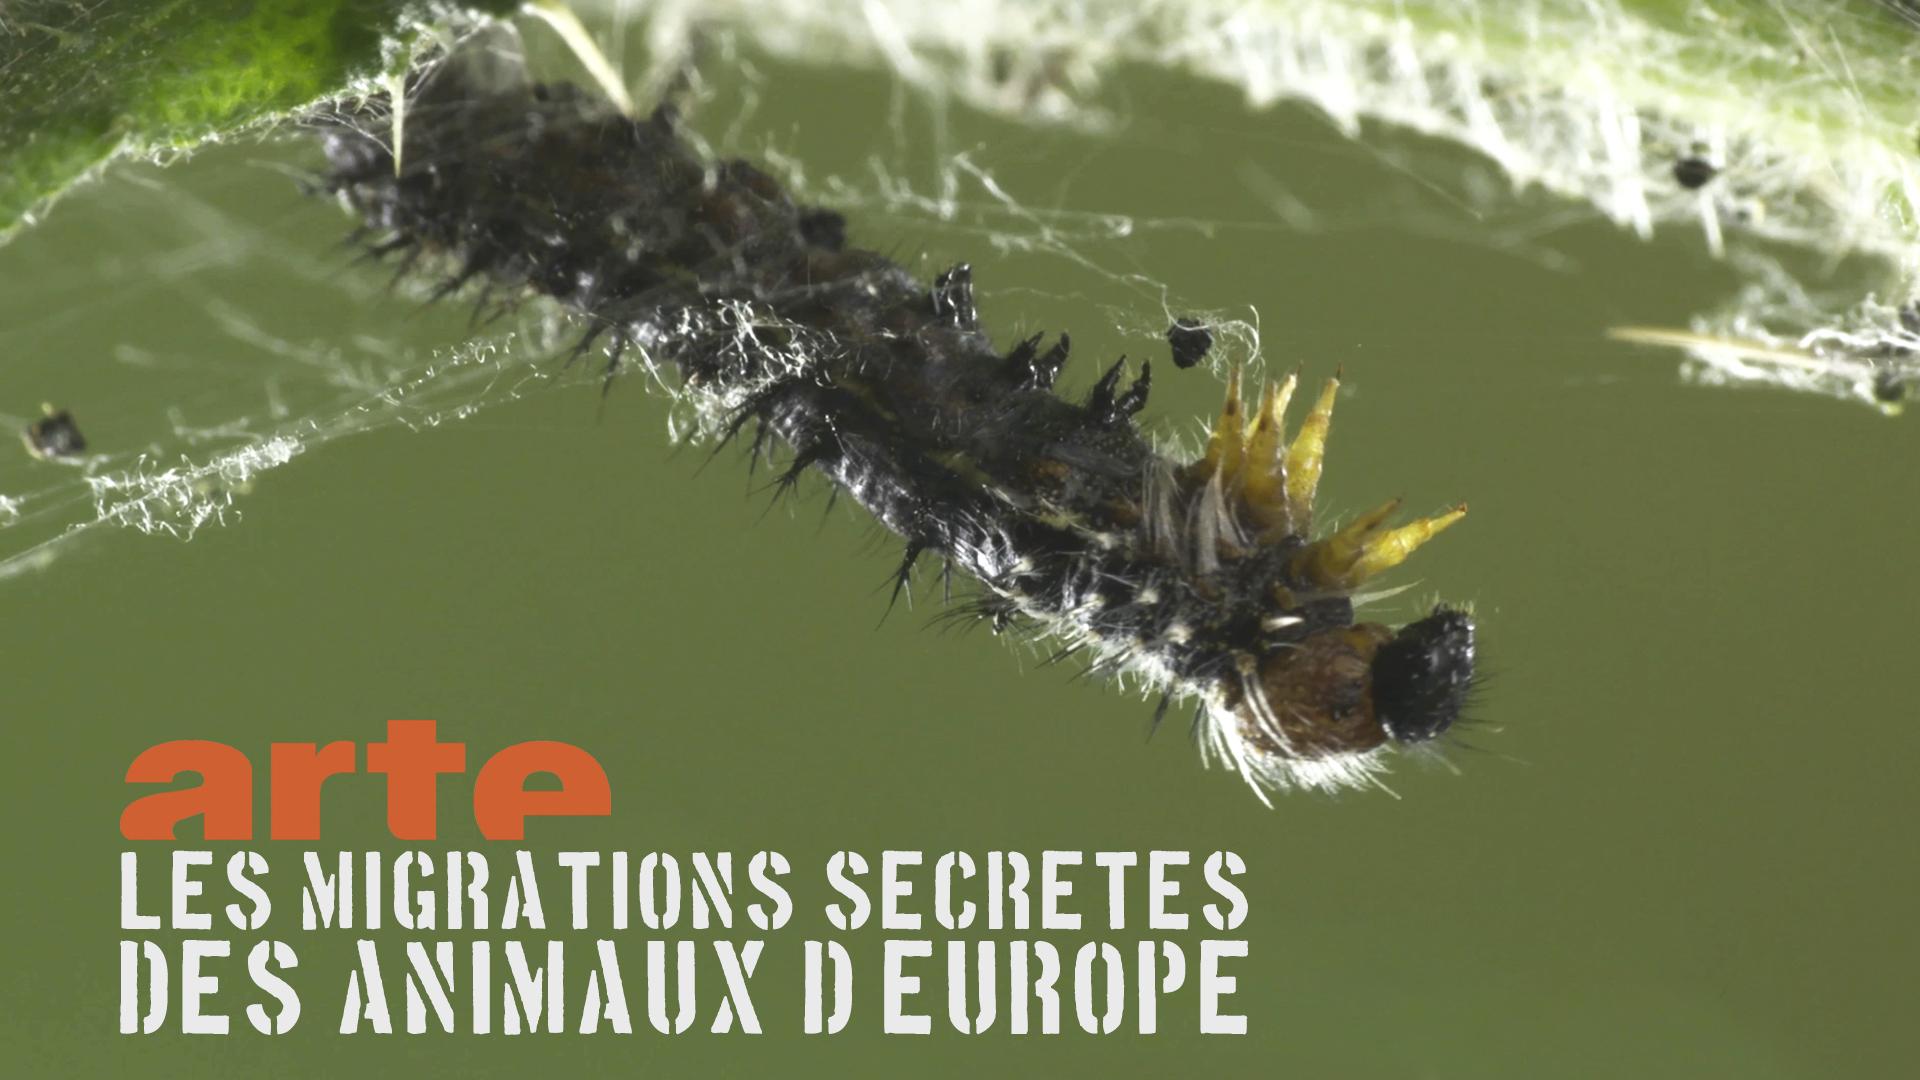 doc_migrations-secretes_small